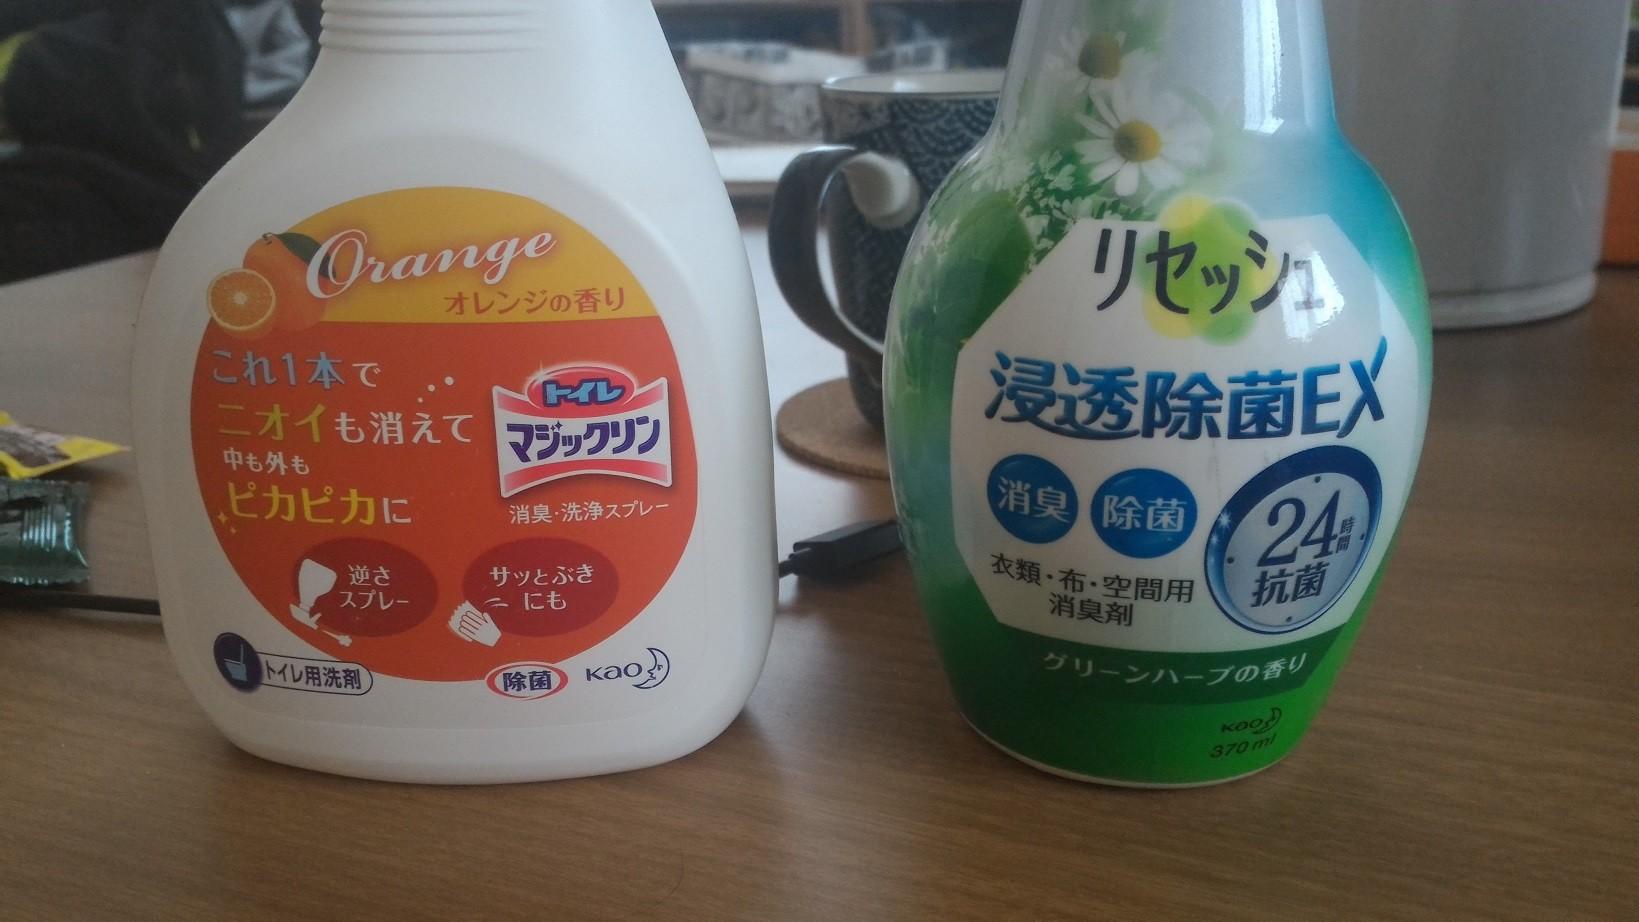 トイレと部屋掃除、良くないかも除菌。